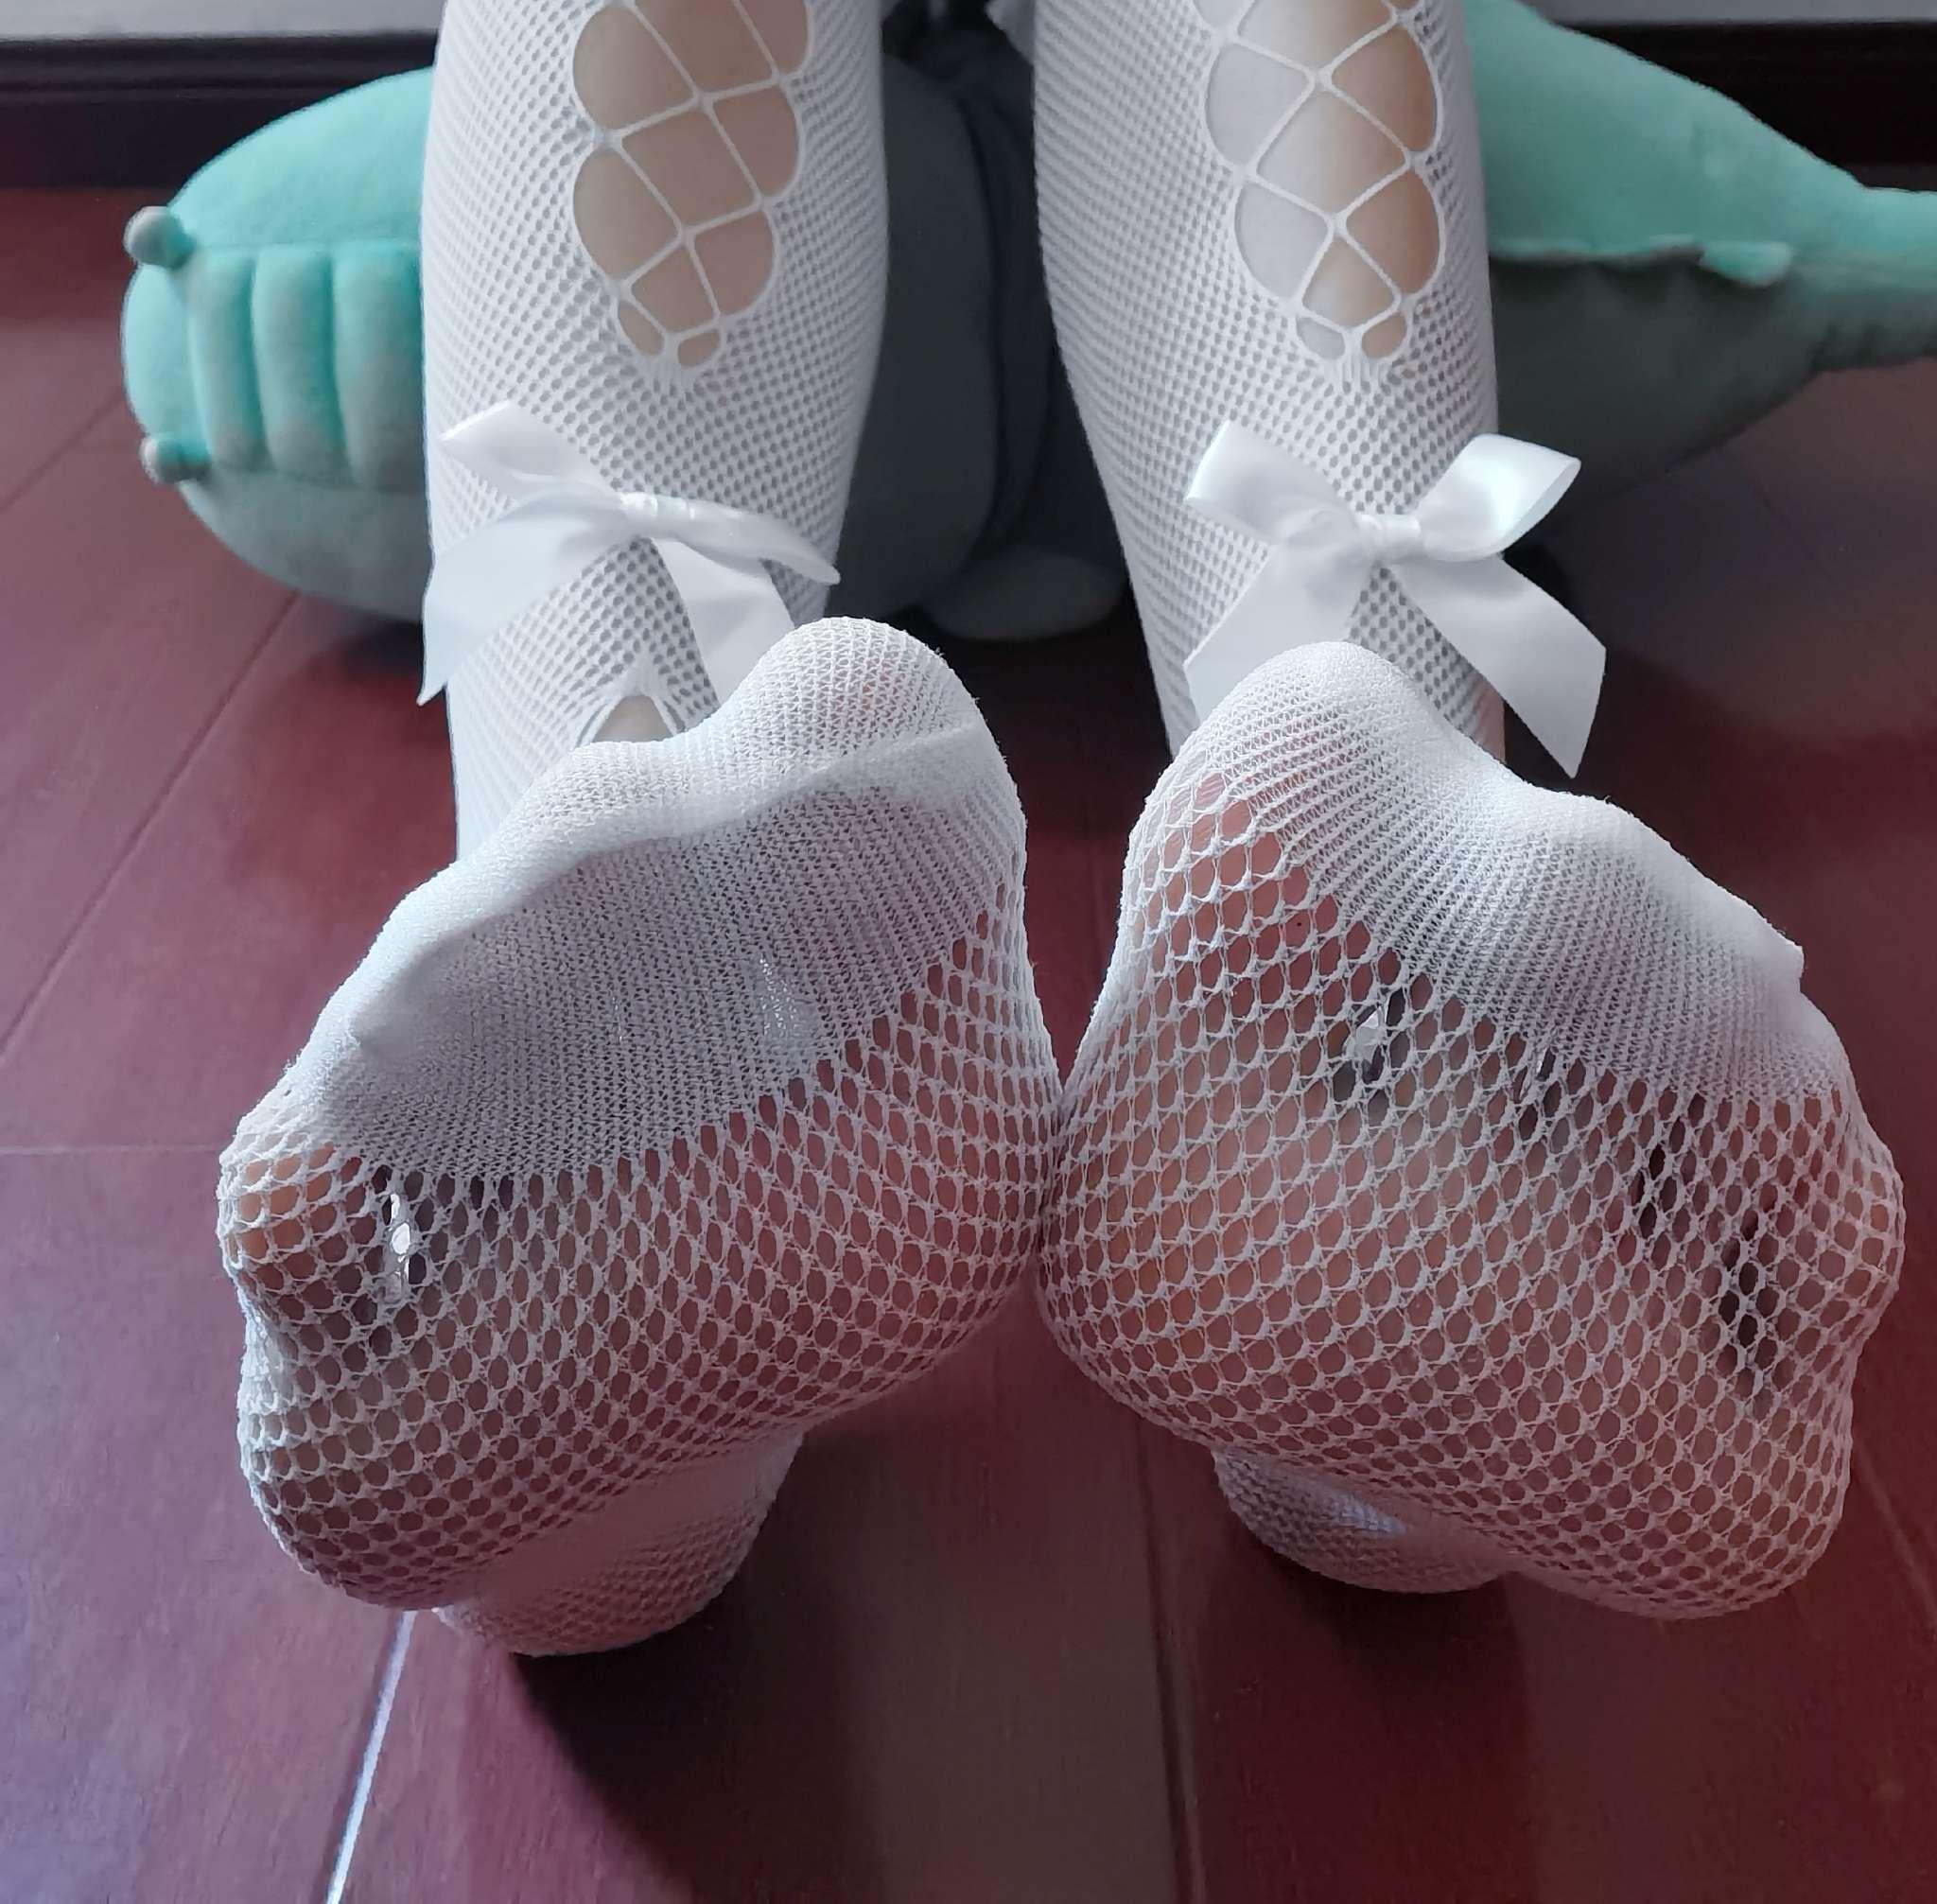 小强辅助网:来看美腿·福利腿·为性感专属打造【第7期】